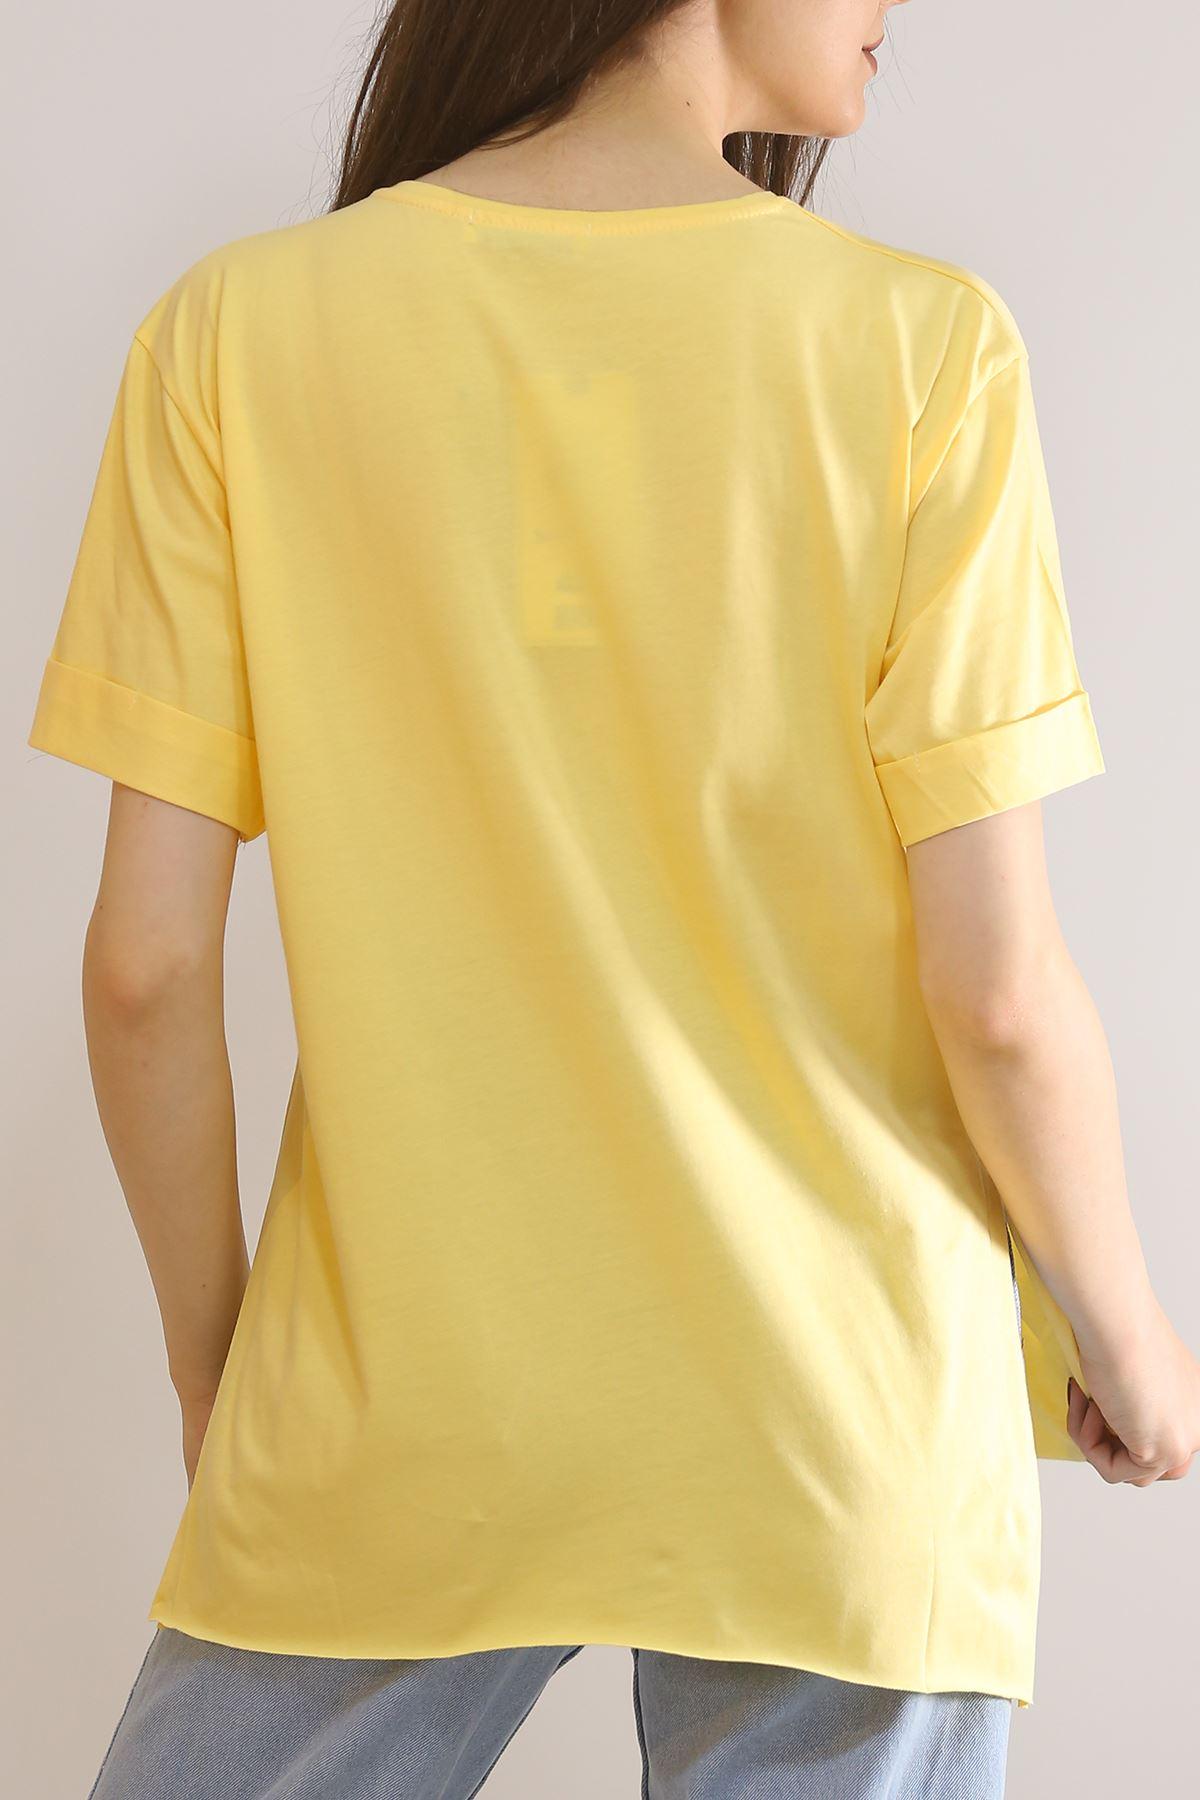 Yırtmaçlı Baskılı Tişört Sarı - 1068.275.